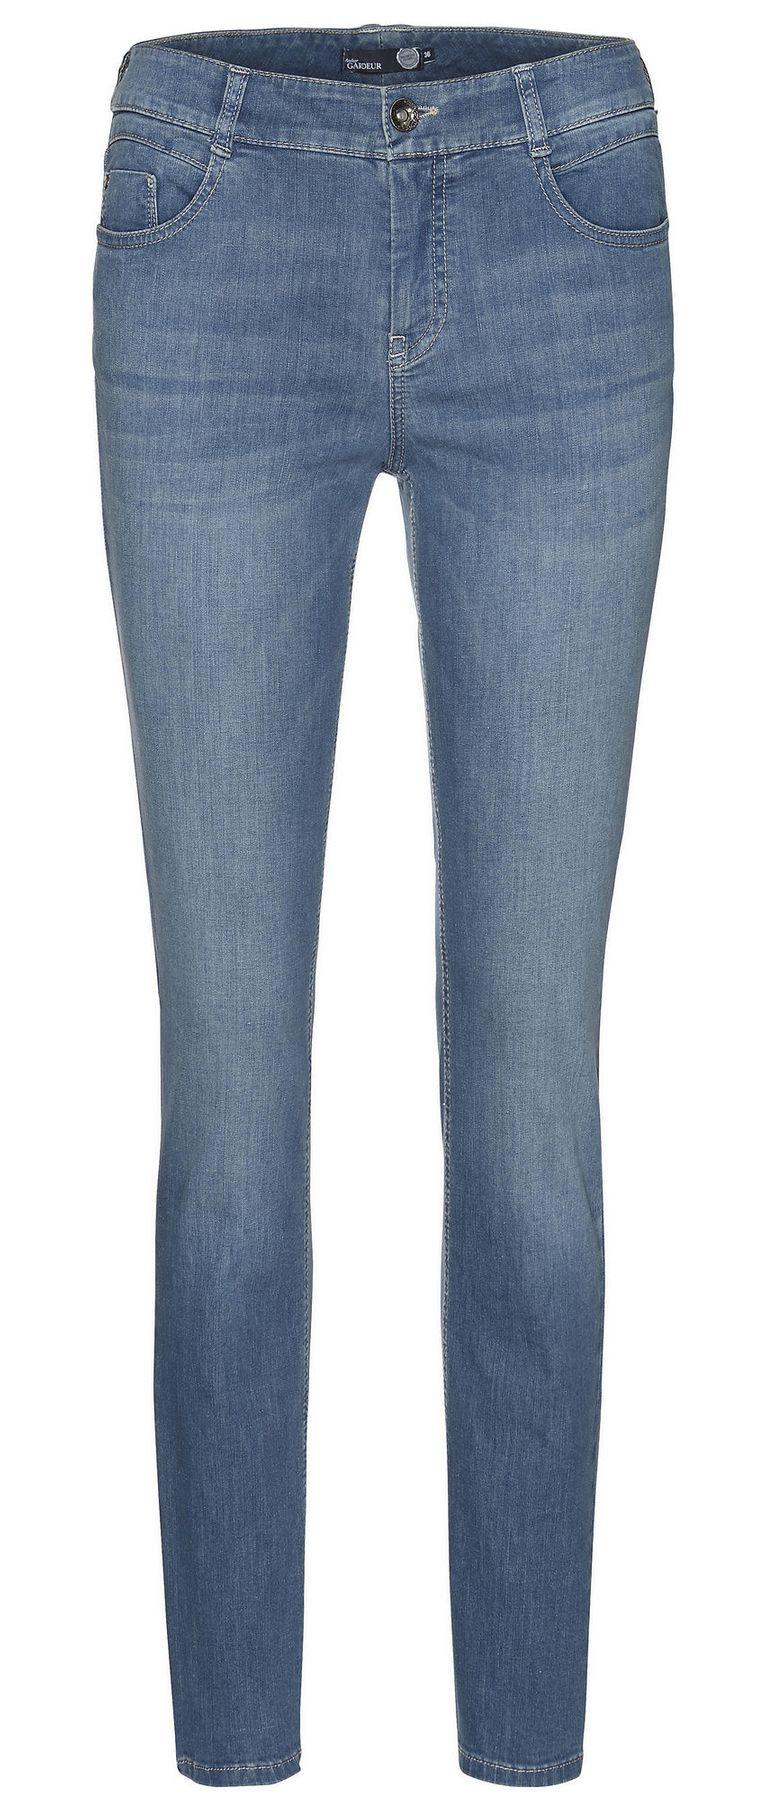 Atelier Gardeur - Slim Fit - Damen 5-Pocket Röhrenhose aus Baumwollstretch, Zuri (670171) – Bild 1